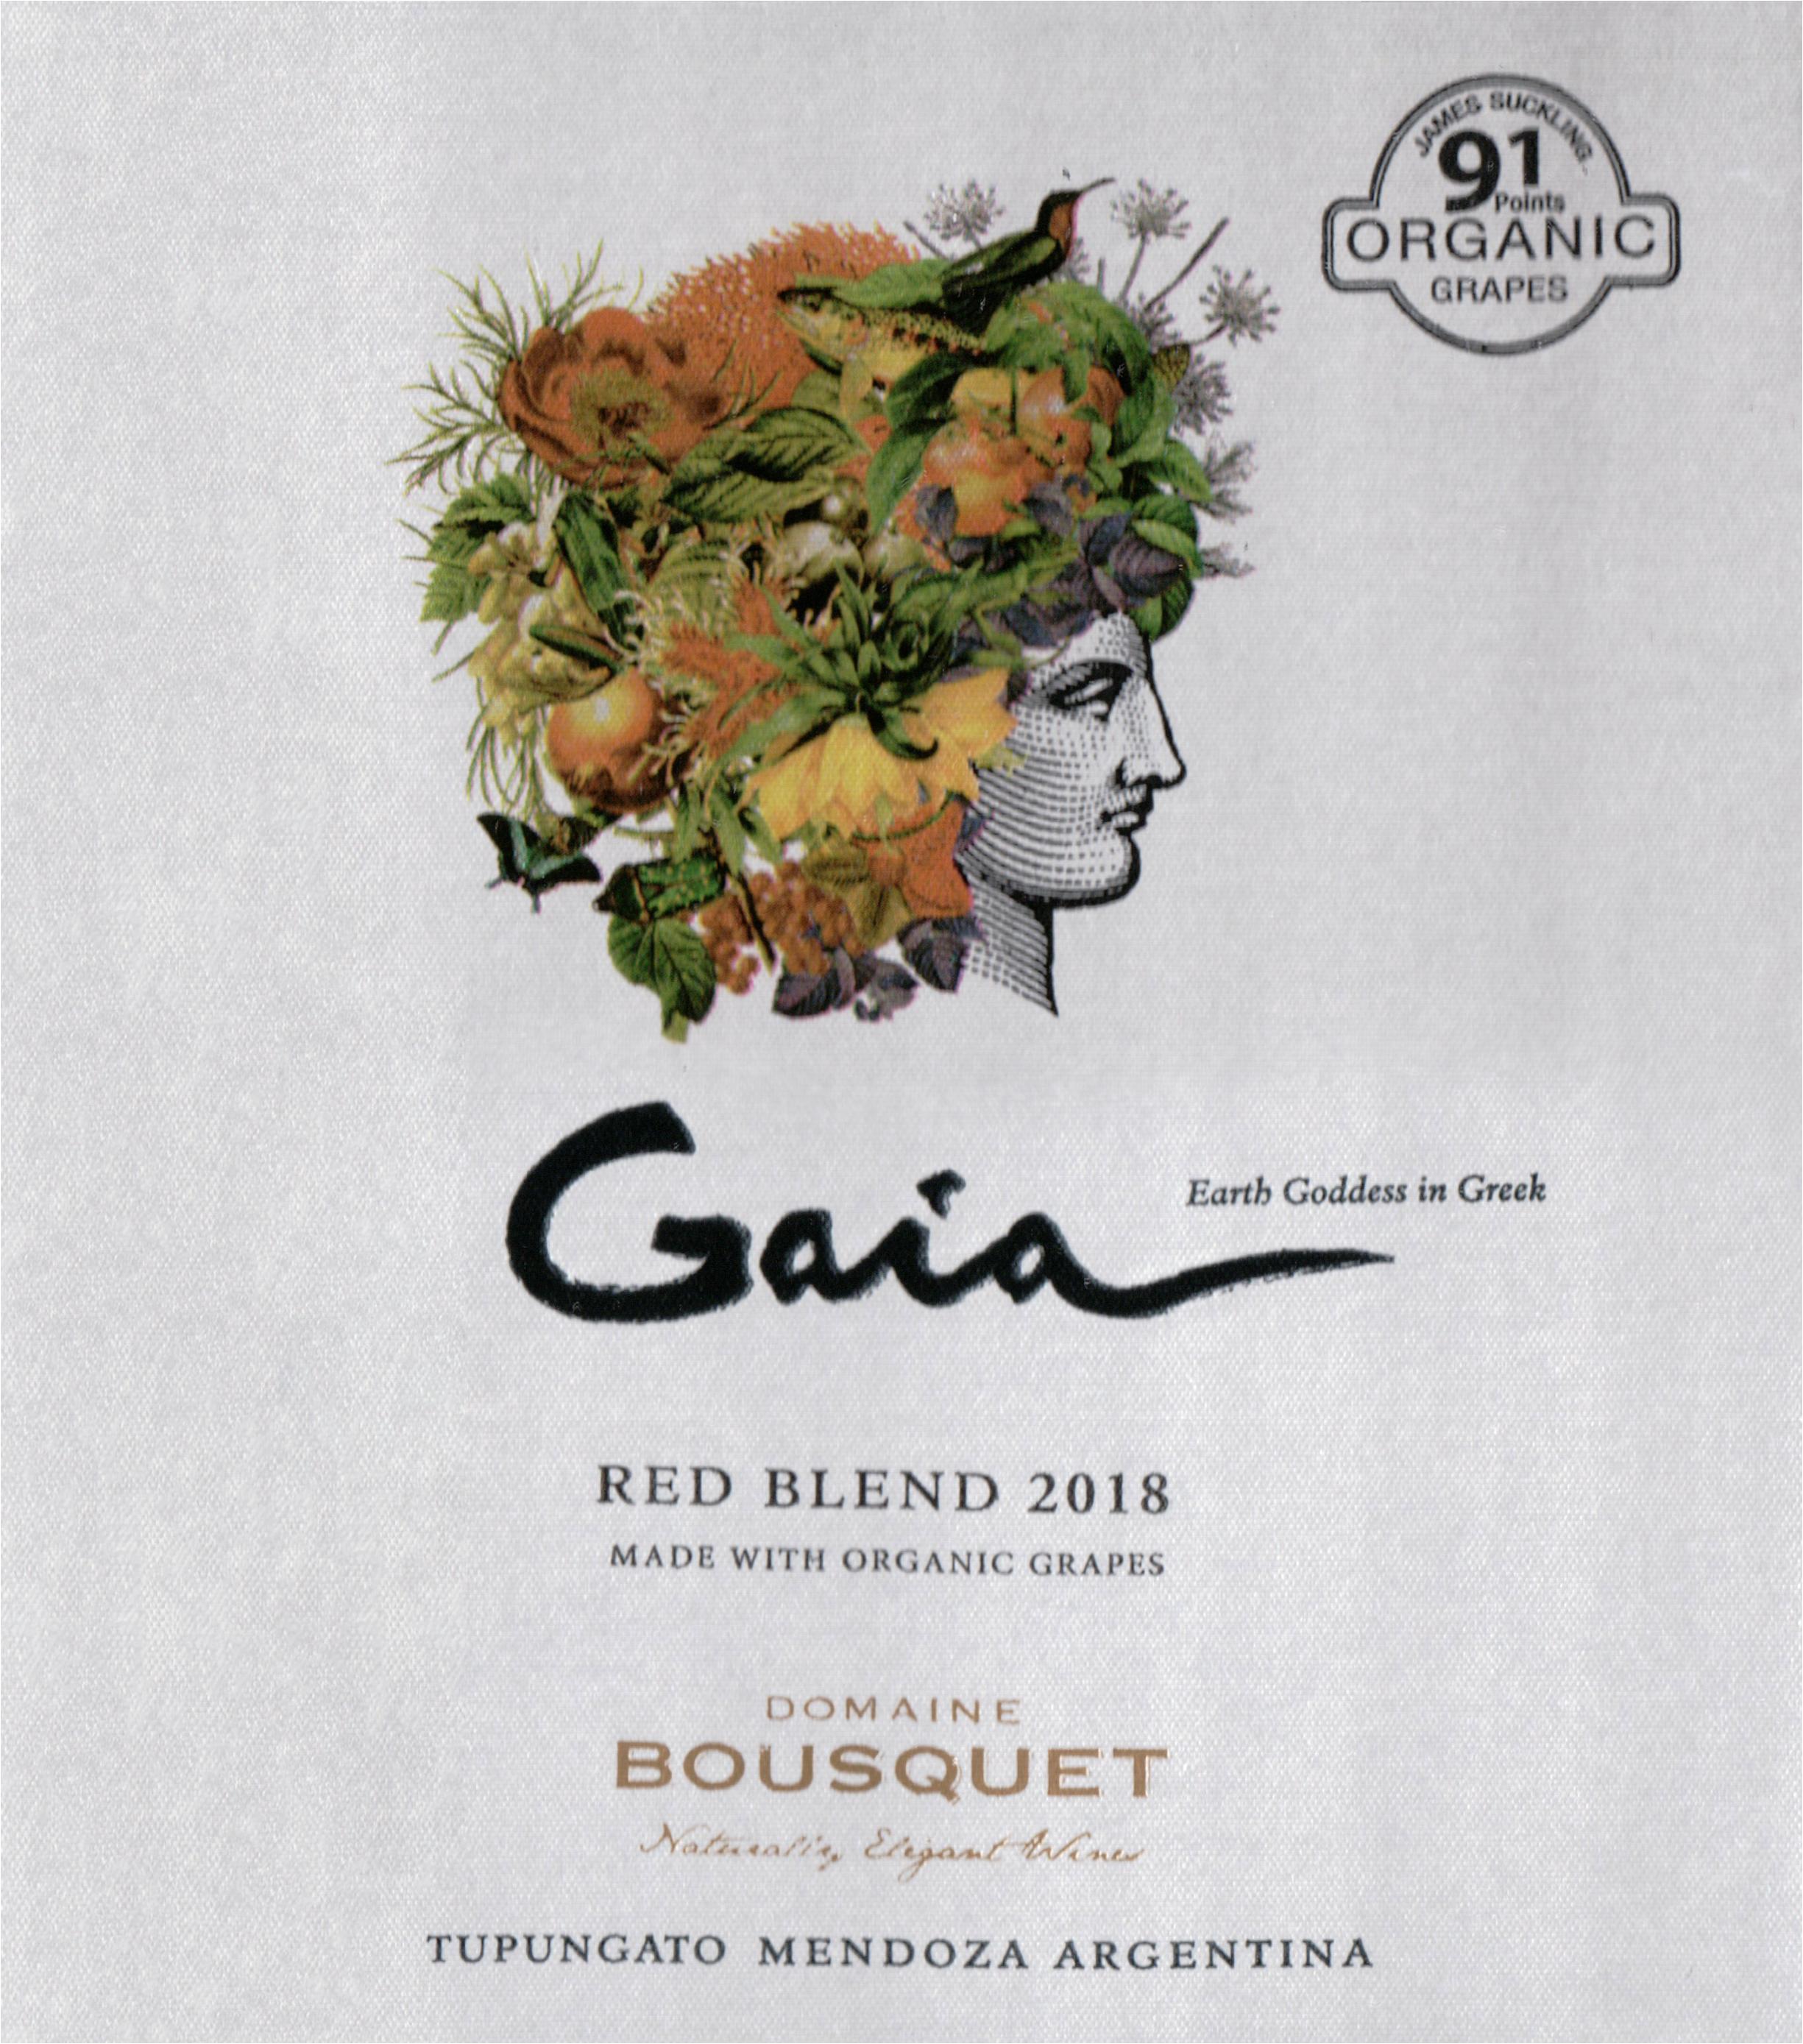 Domaine Bousquet Gaia Red Blend 2018